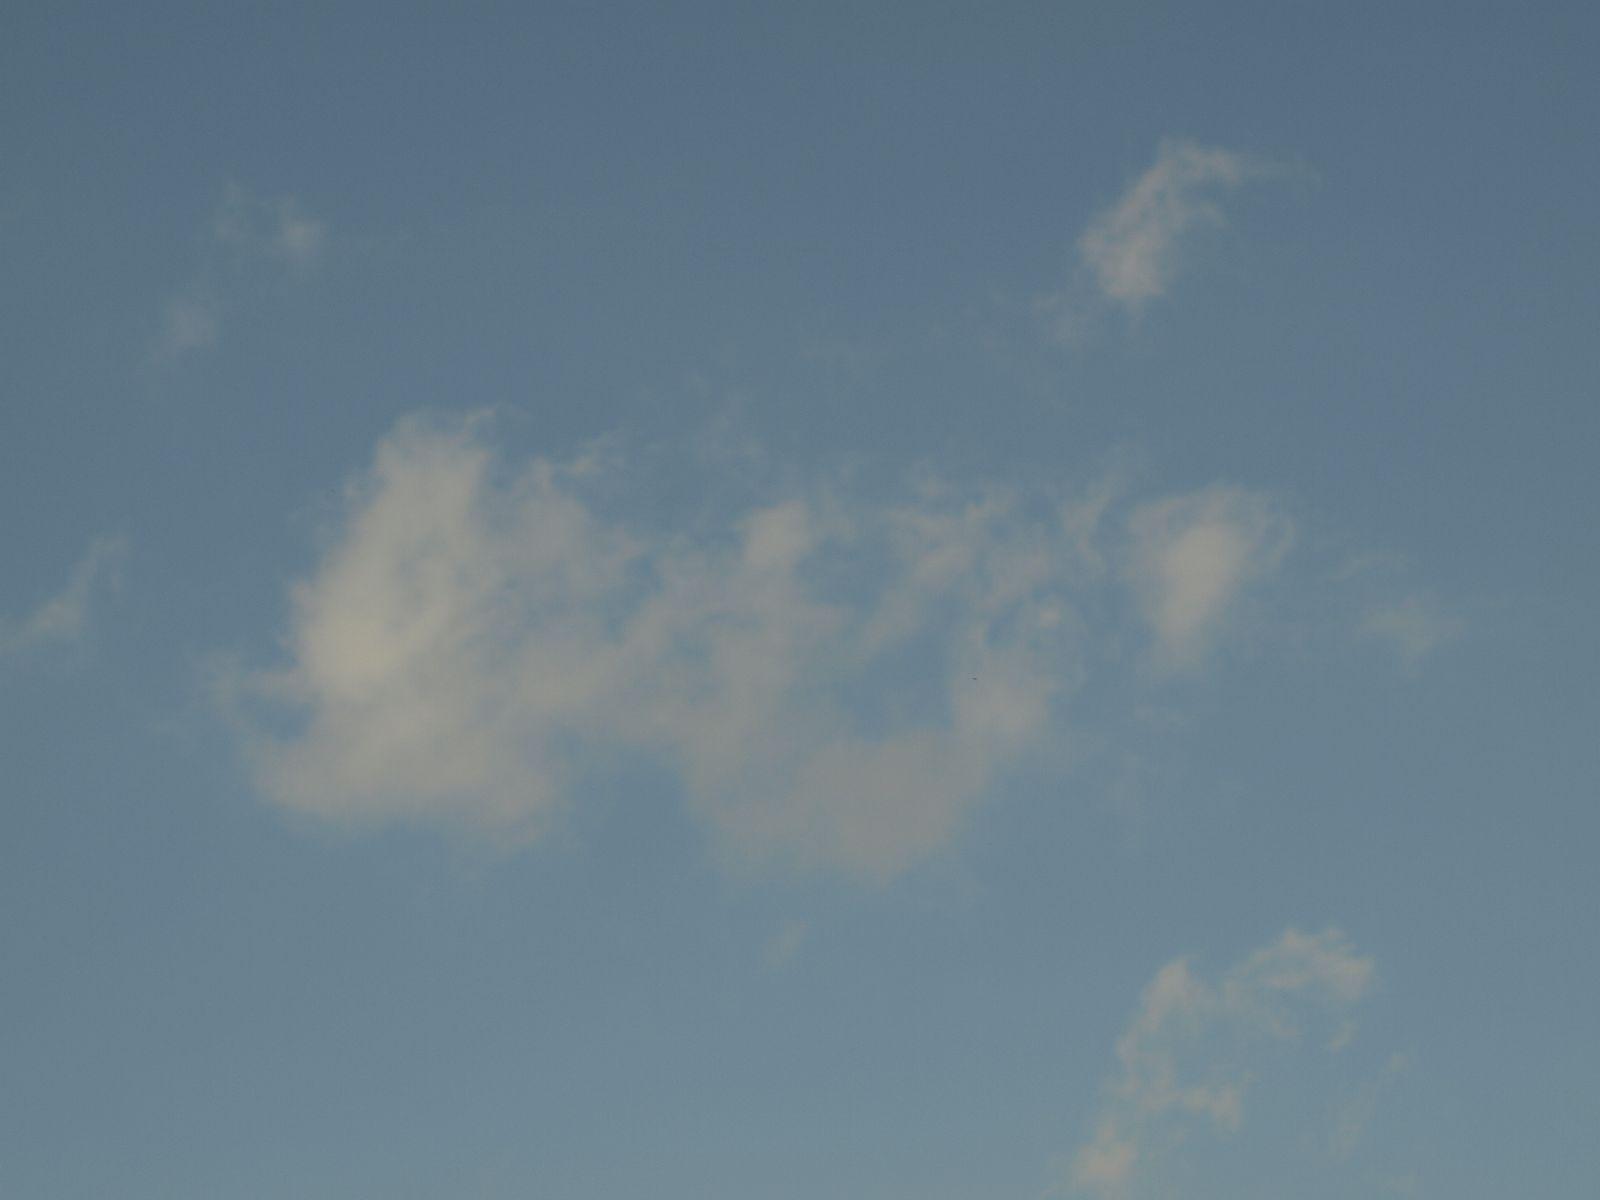 Himmel-Wolken-Foto_Textur_A_P9059545